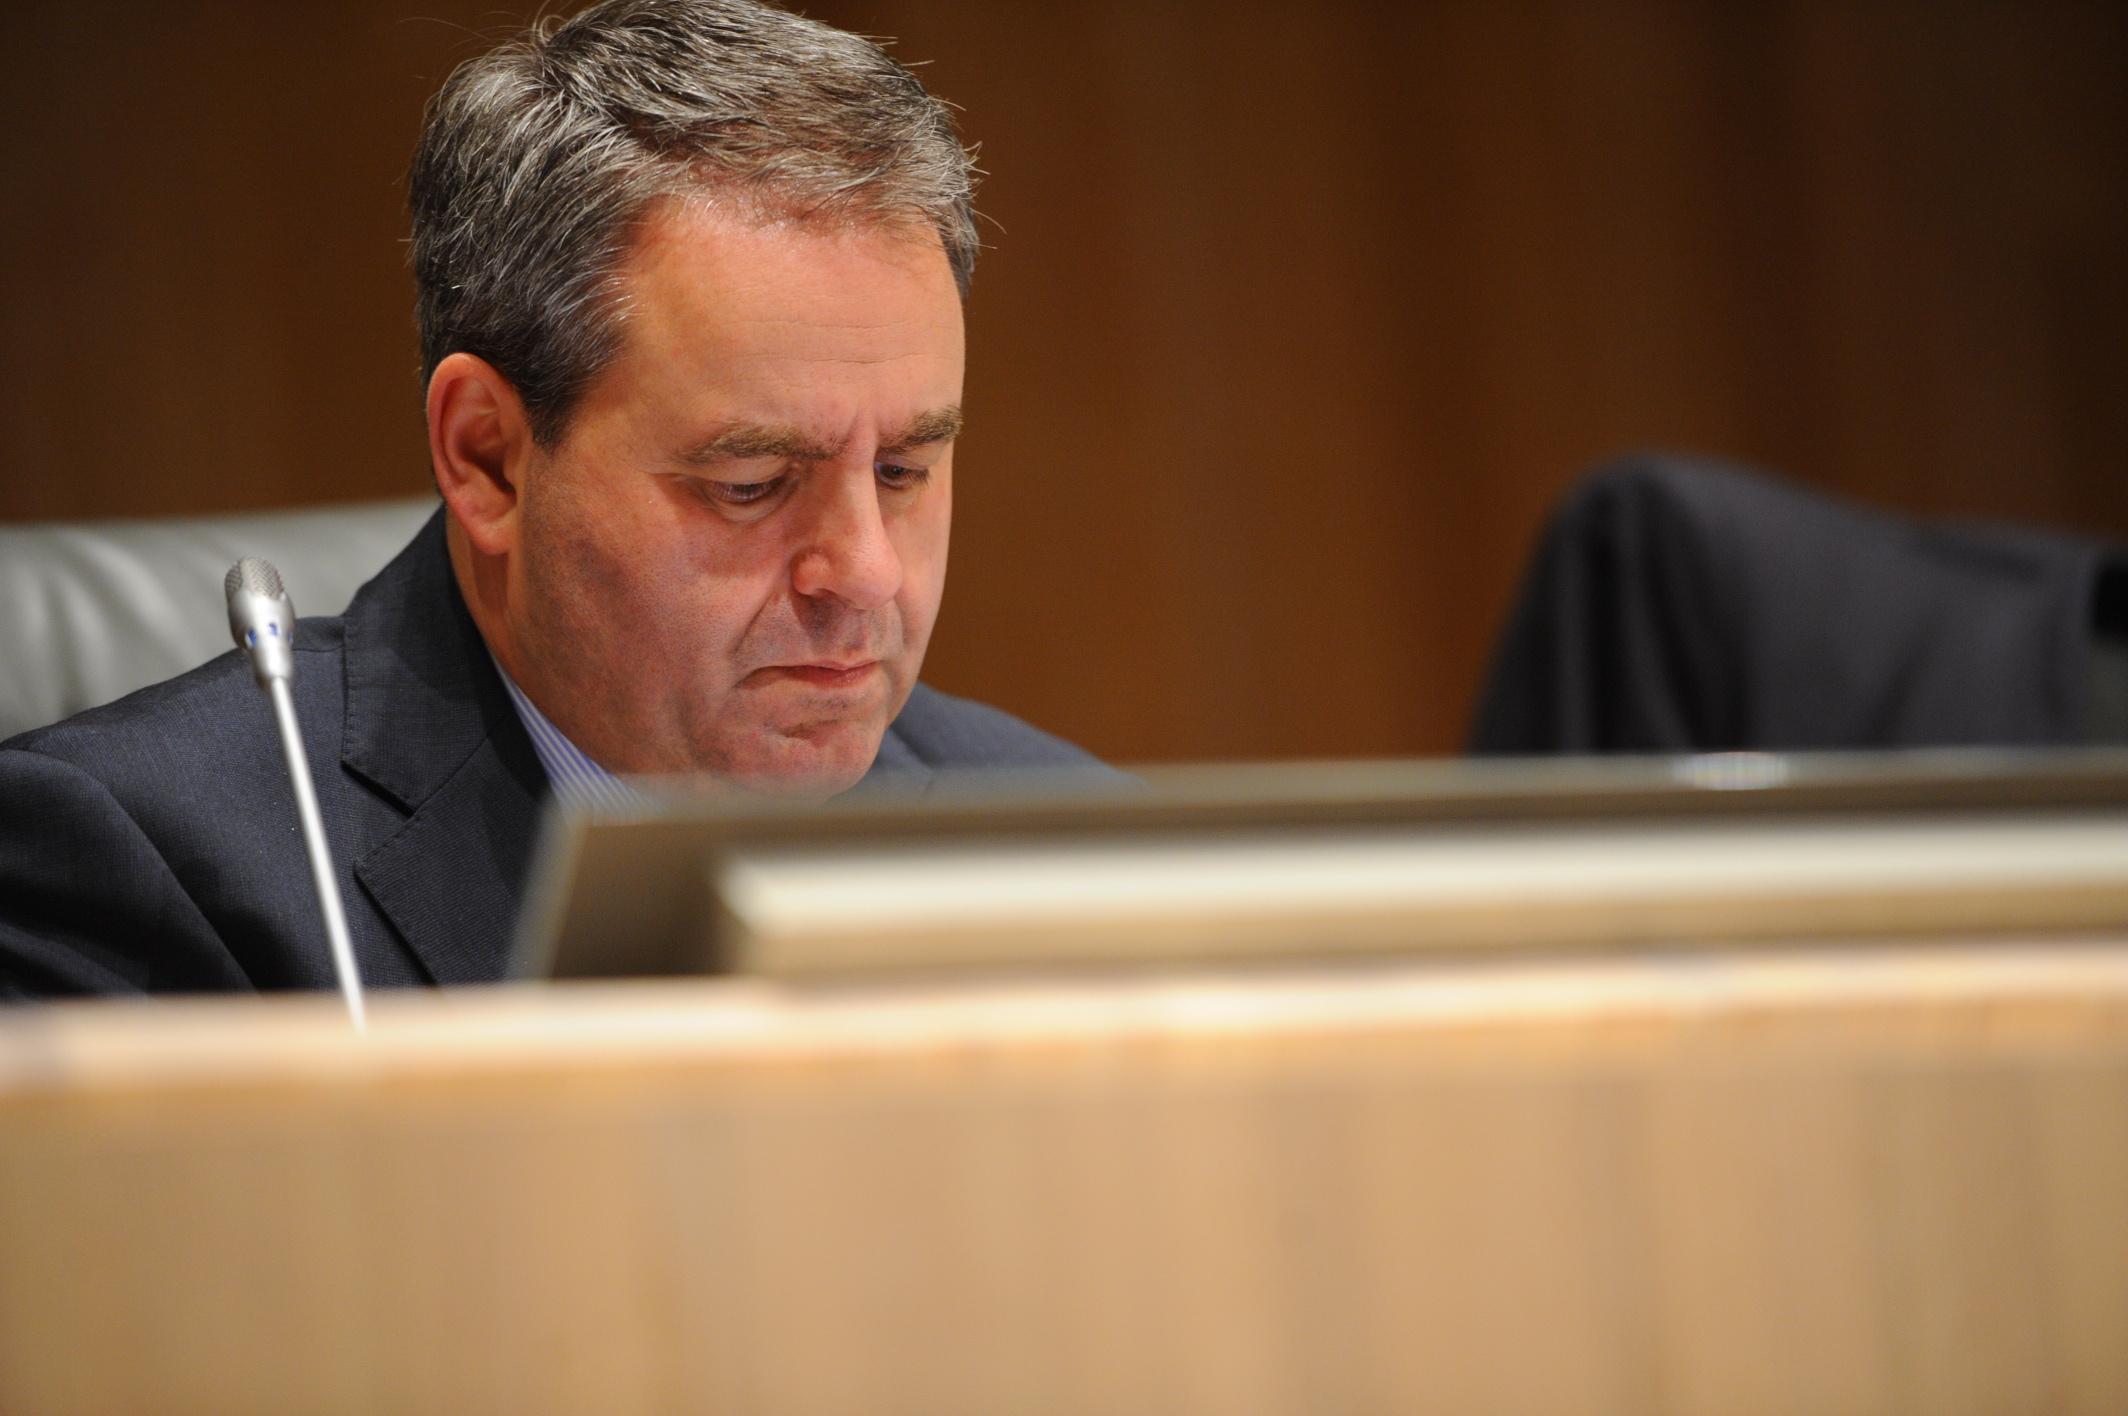 Xavier Bertrand, tête de liste de la droite aux élections régionales